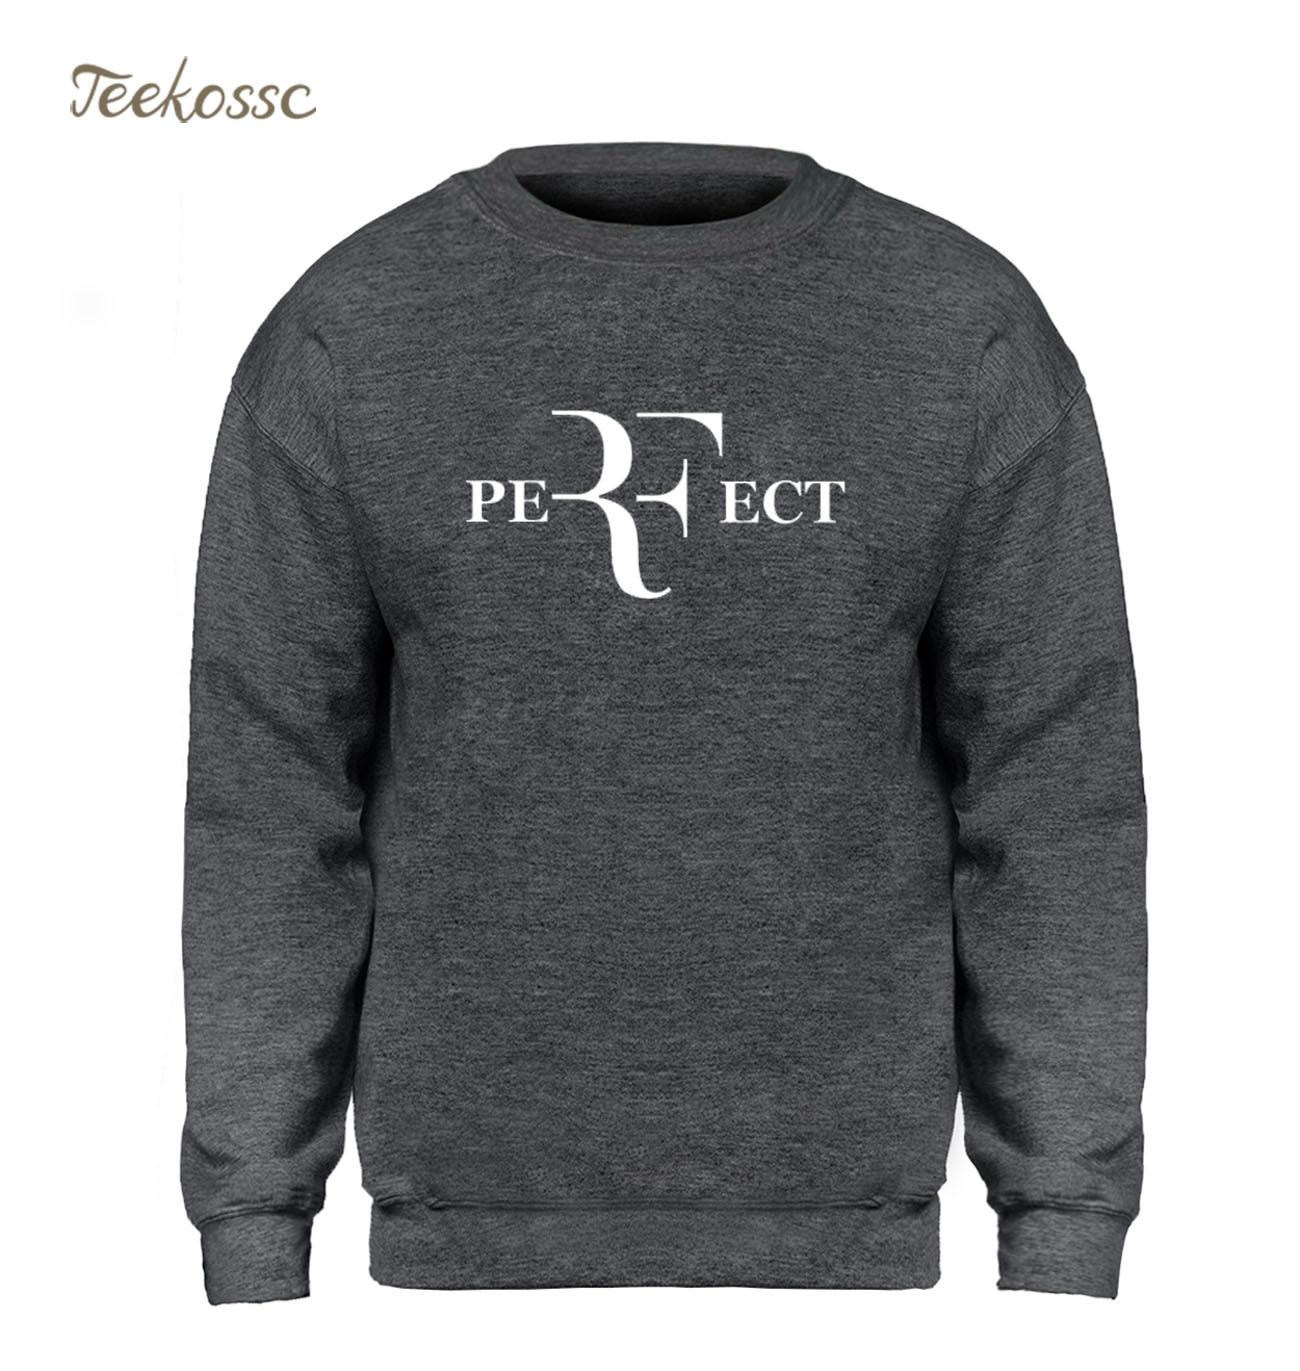 Roger Federer Tennis Hoodie Men RF Perfect Letters Sweatshirt Balck Gray Sweatshirts 2018 Winter Autumn Fleece Warm Streetwear